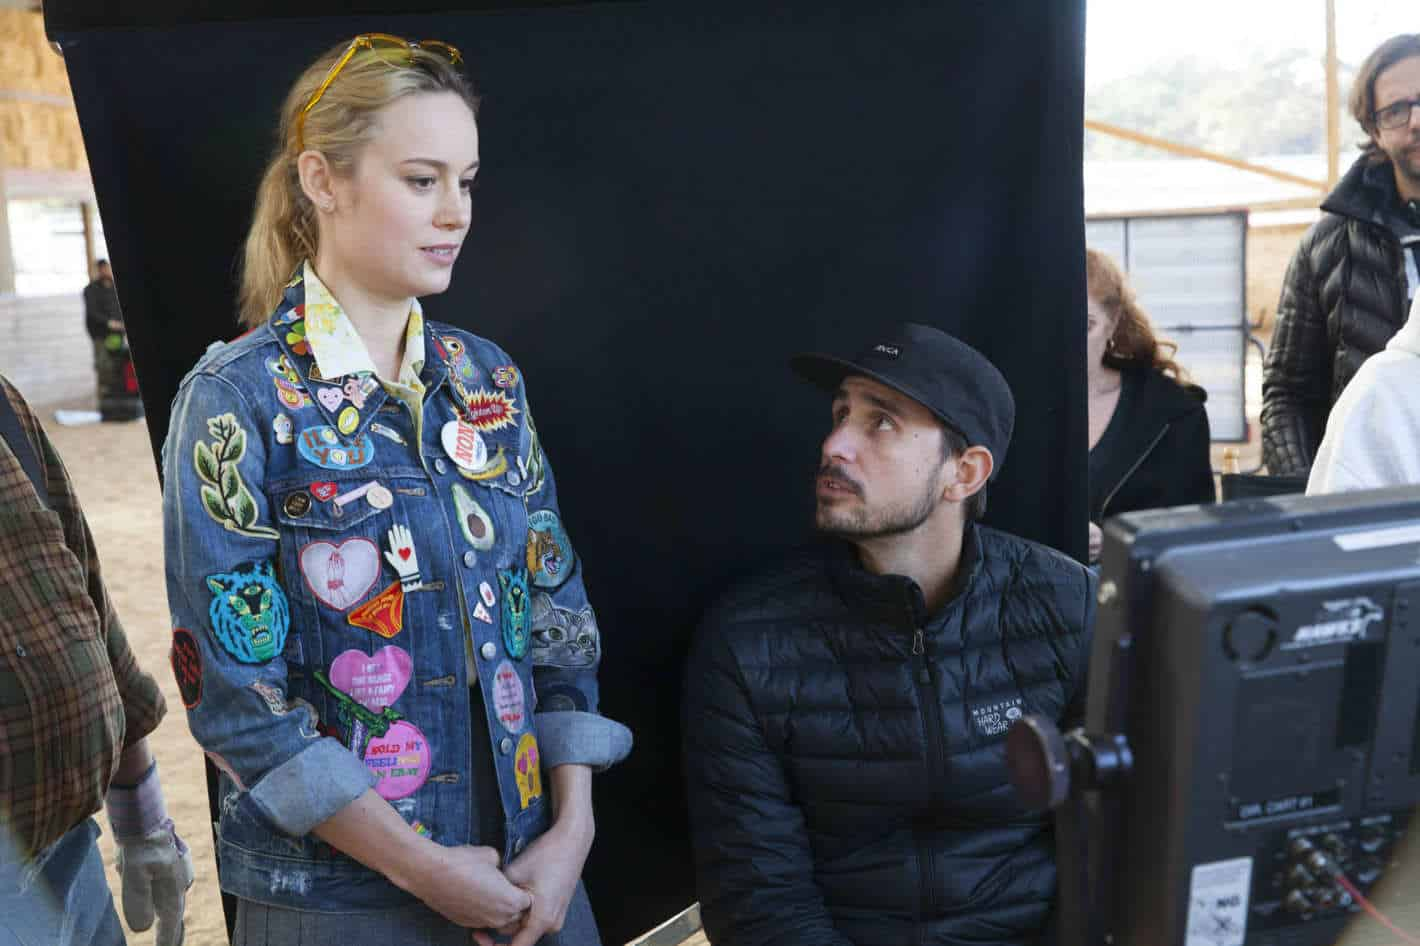 Unicorn Store: primer tráiler del debut de Brie Larson como directora en cine